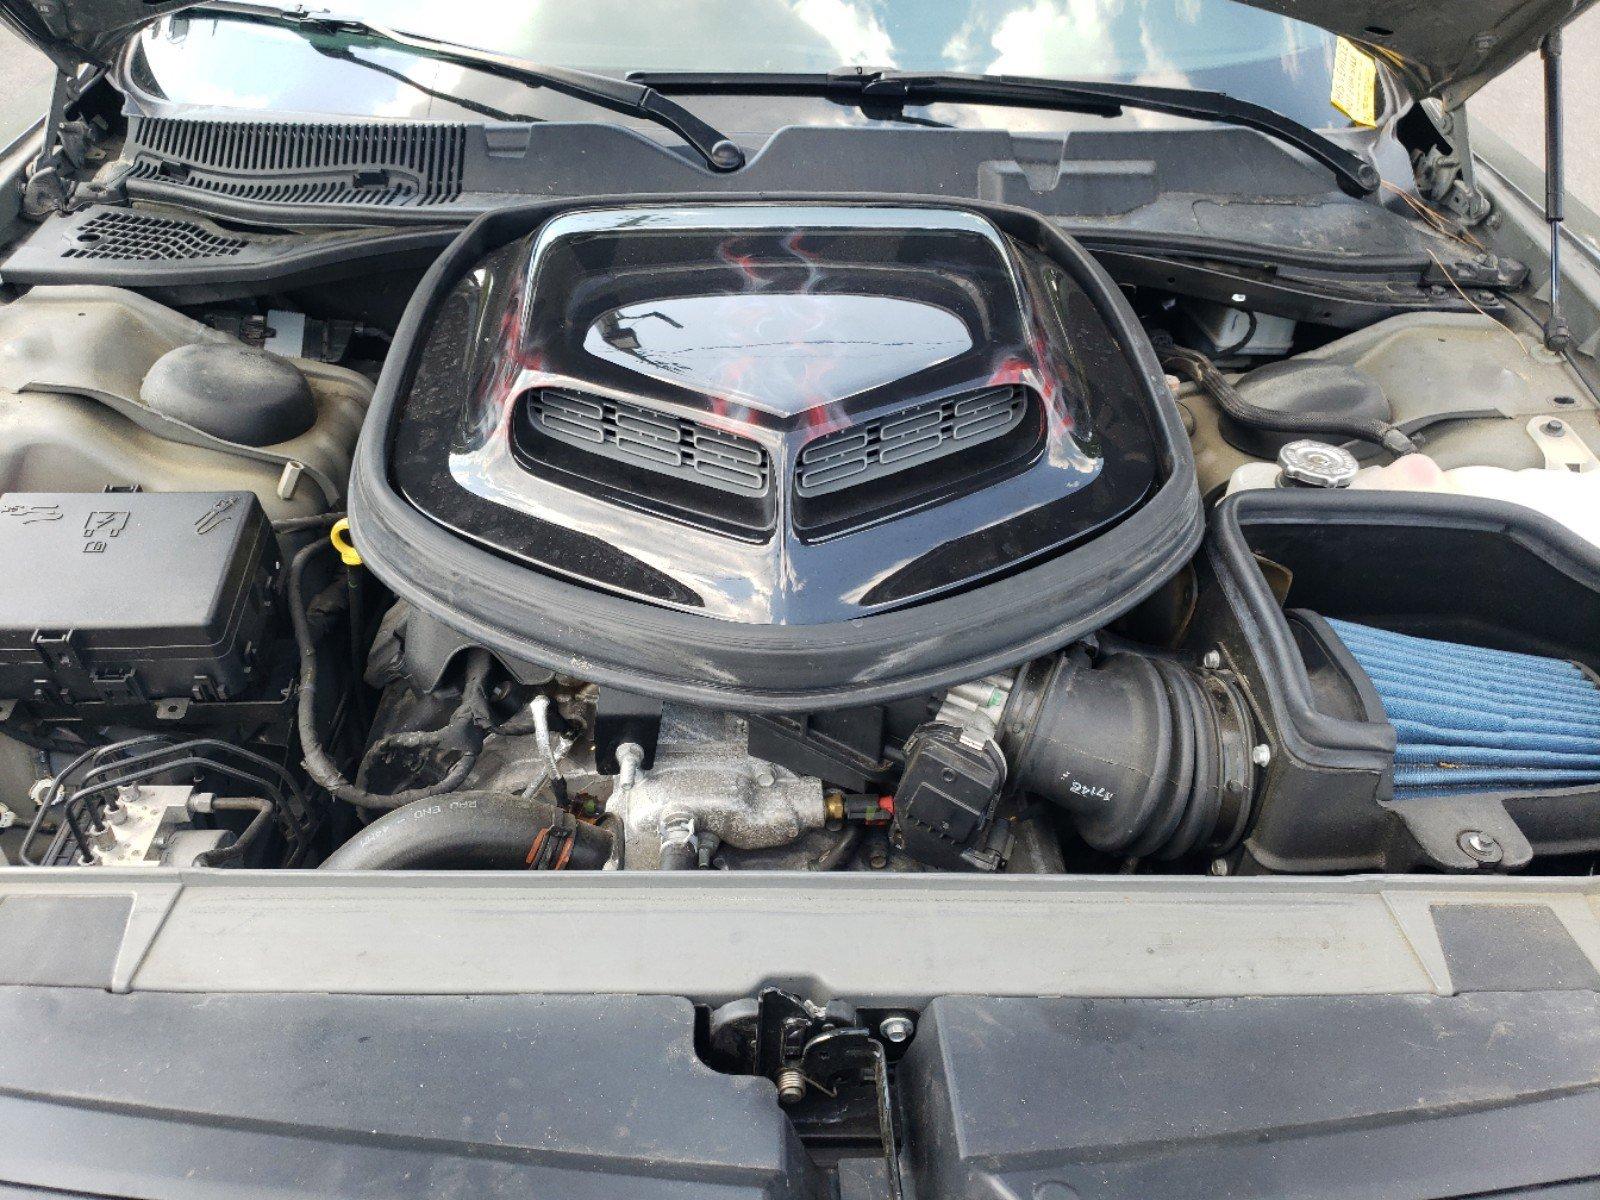 Pre-Owned 2017 Dodge Challenger 392 Hemi Scat Pack Shaker